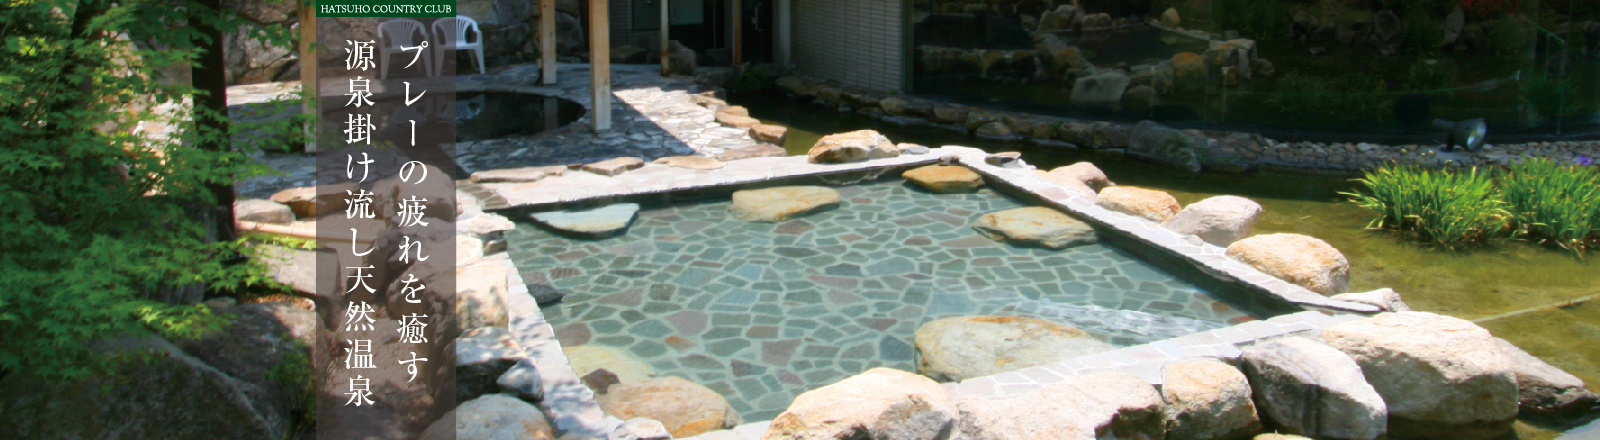 温泉|プレーの疲れを癒す源泉掛け流し天然温泉